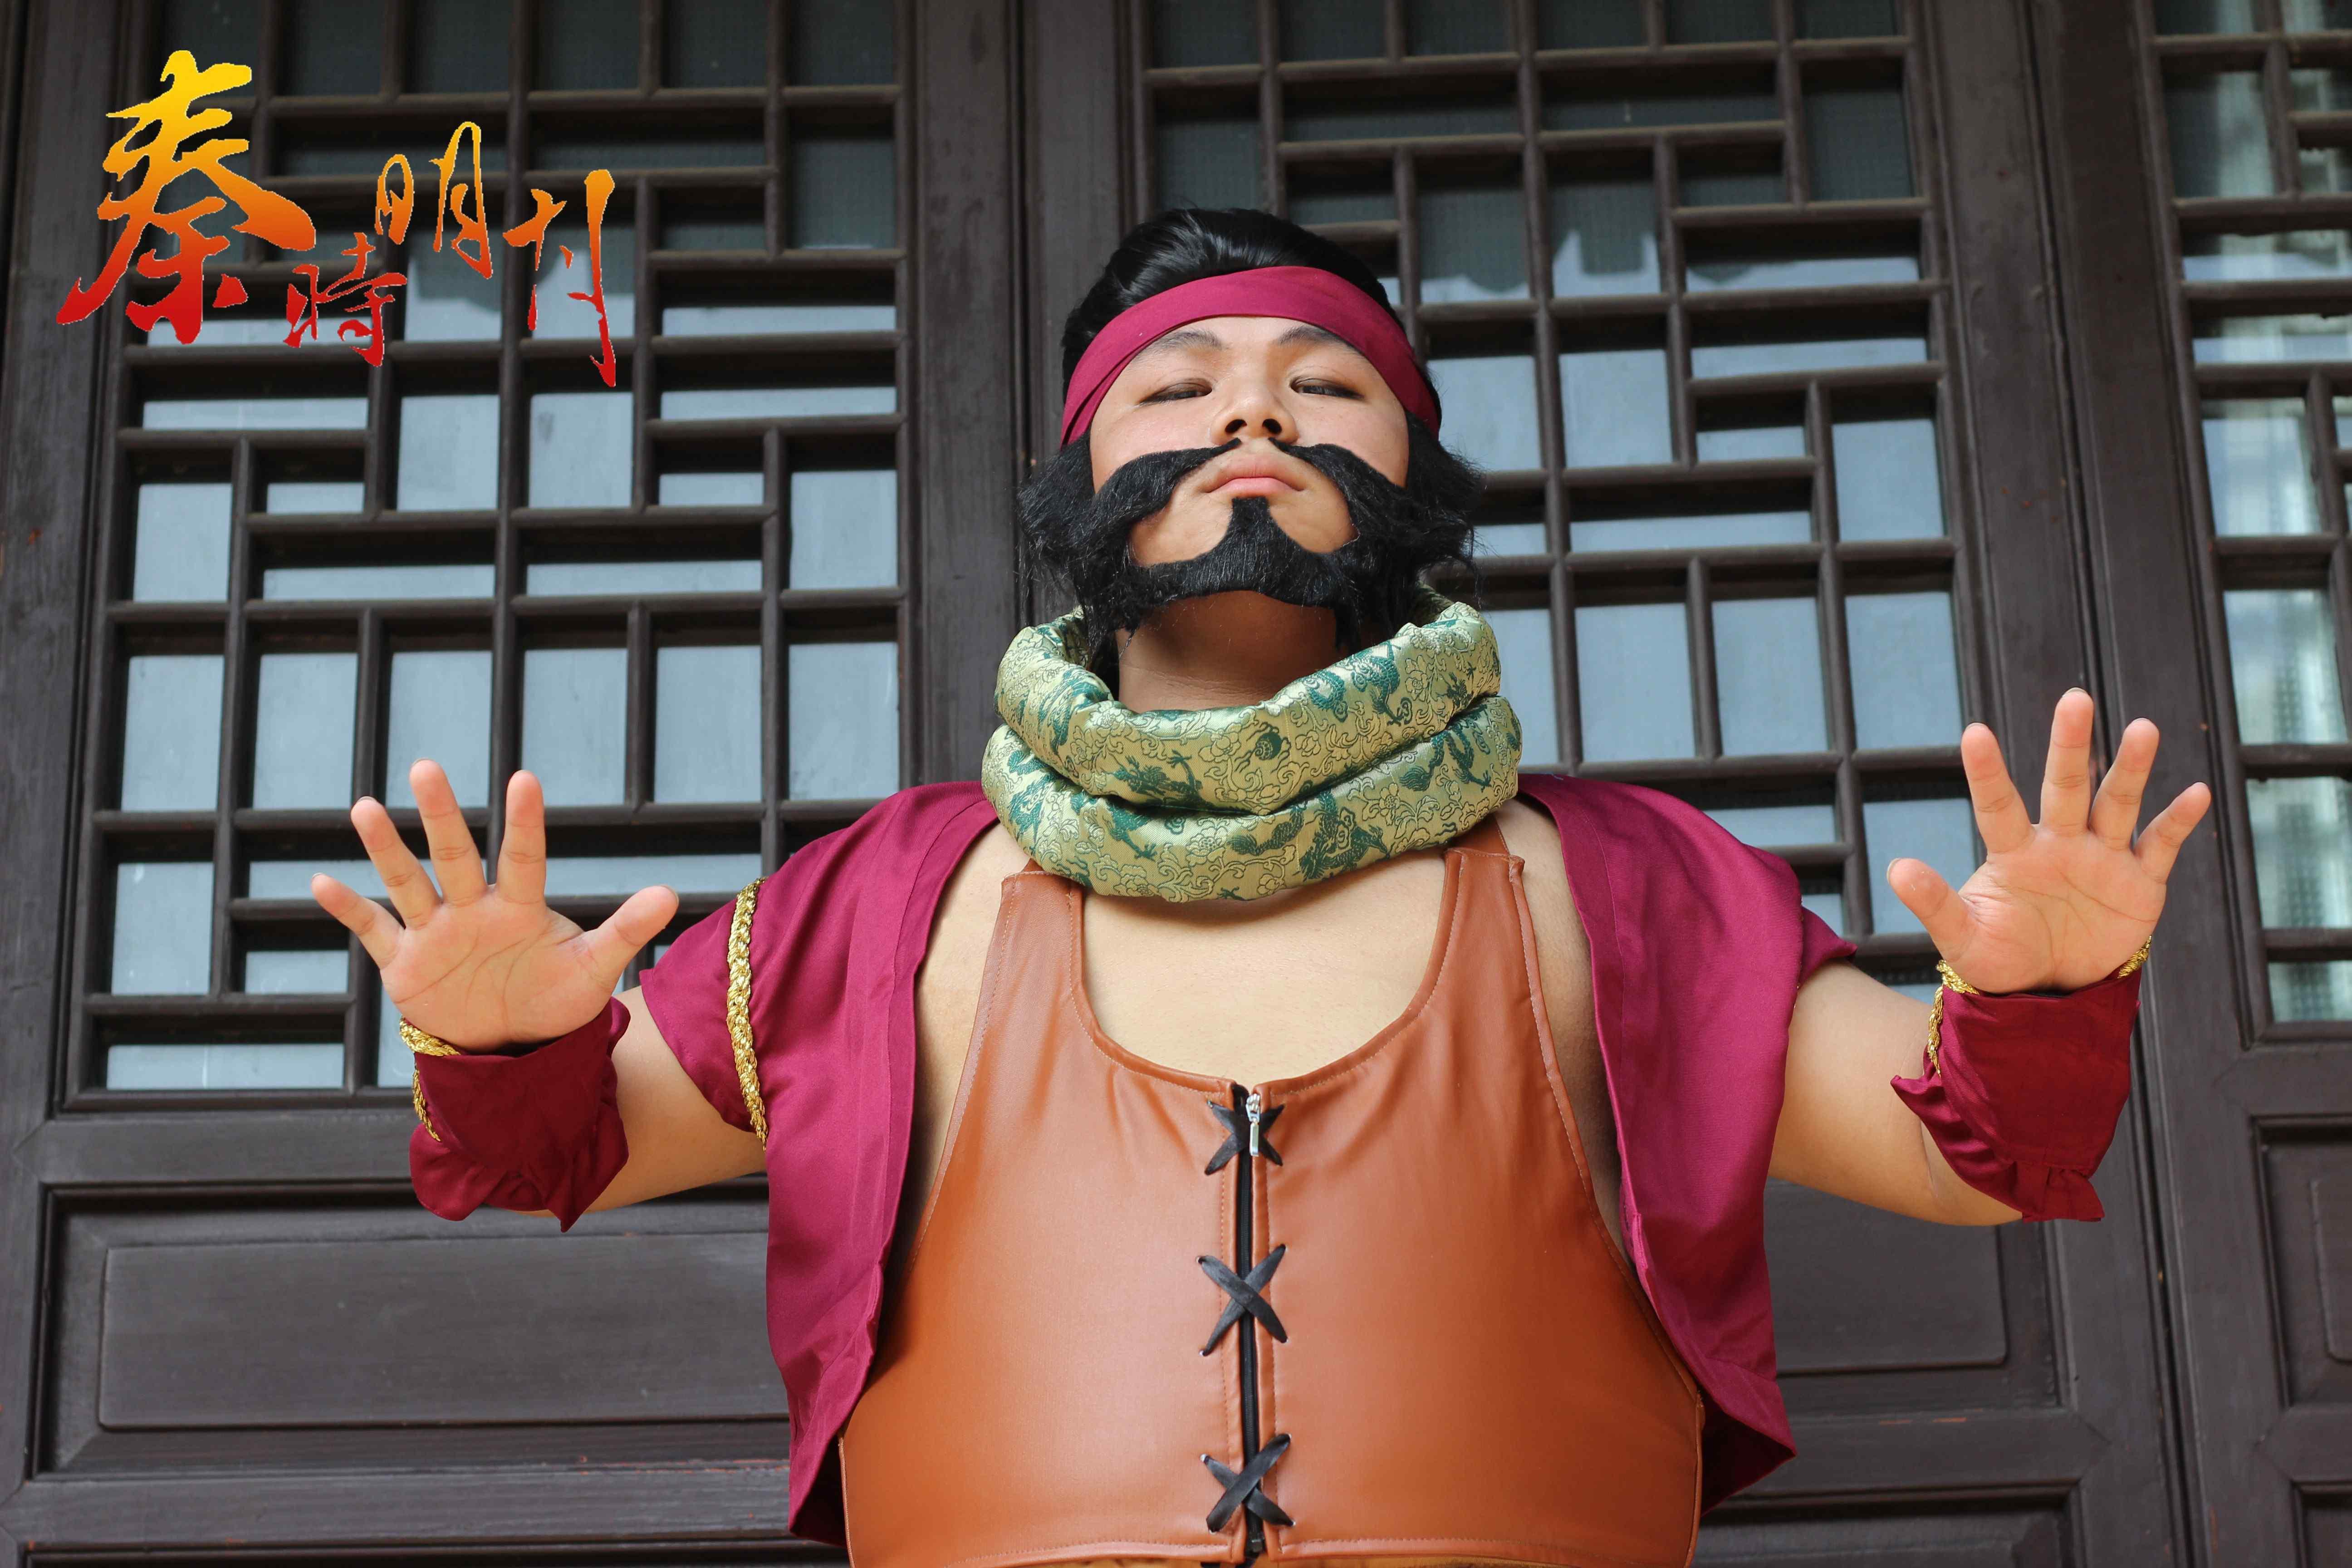 秦时明月之cosplay庖丁桌面壁纸